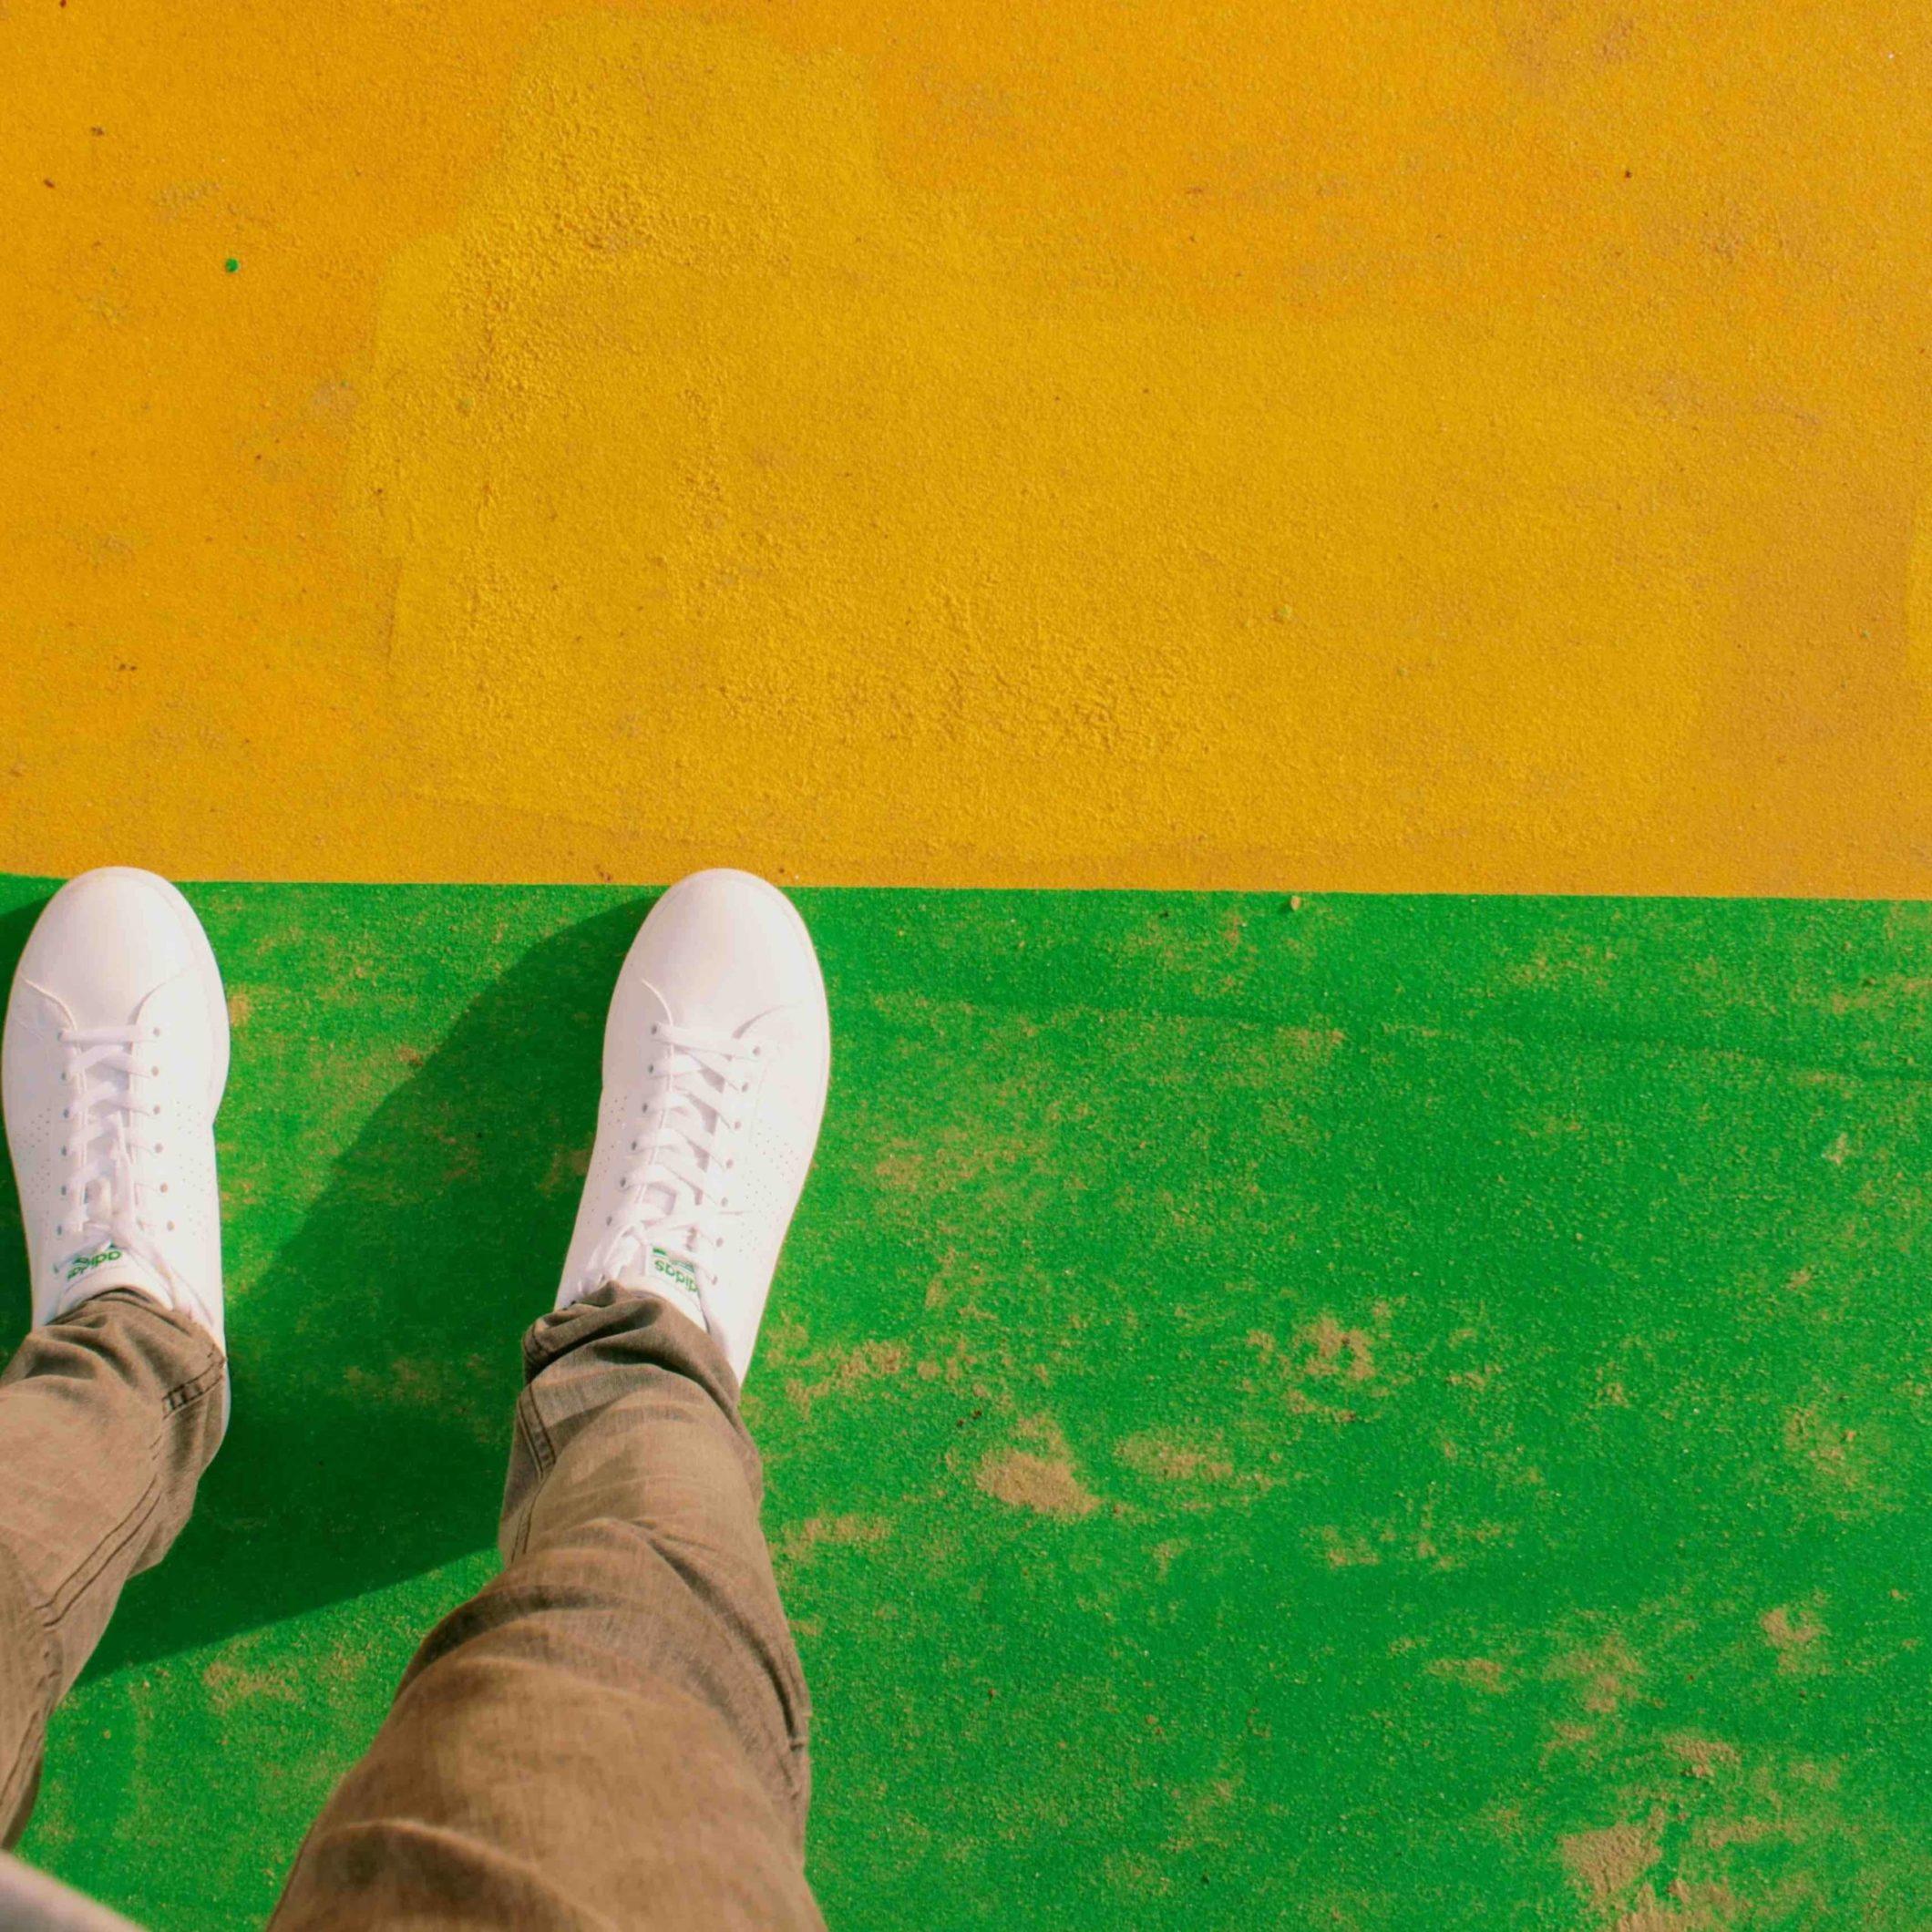 PIEDS TENNIS - Photo by Niels Kehl on Unsplash